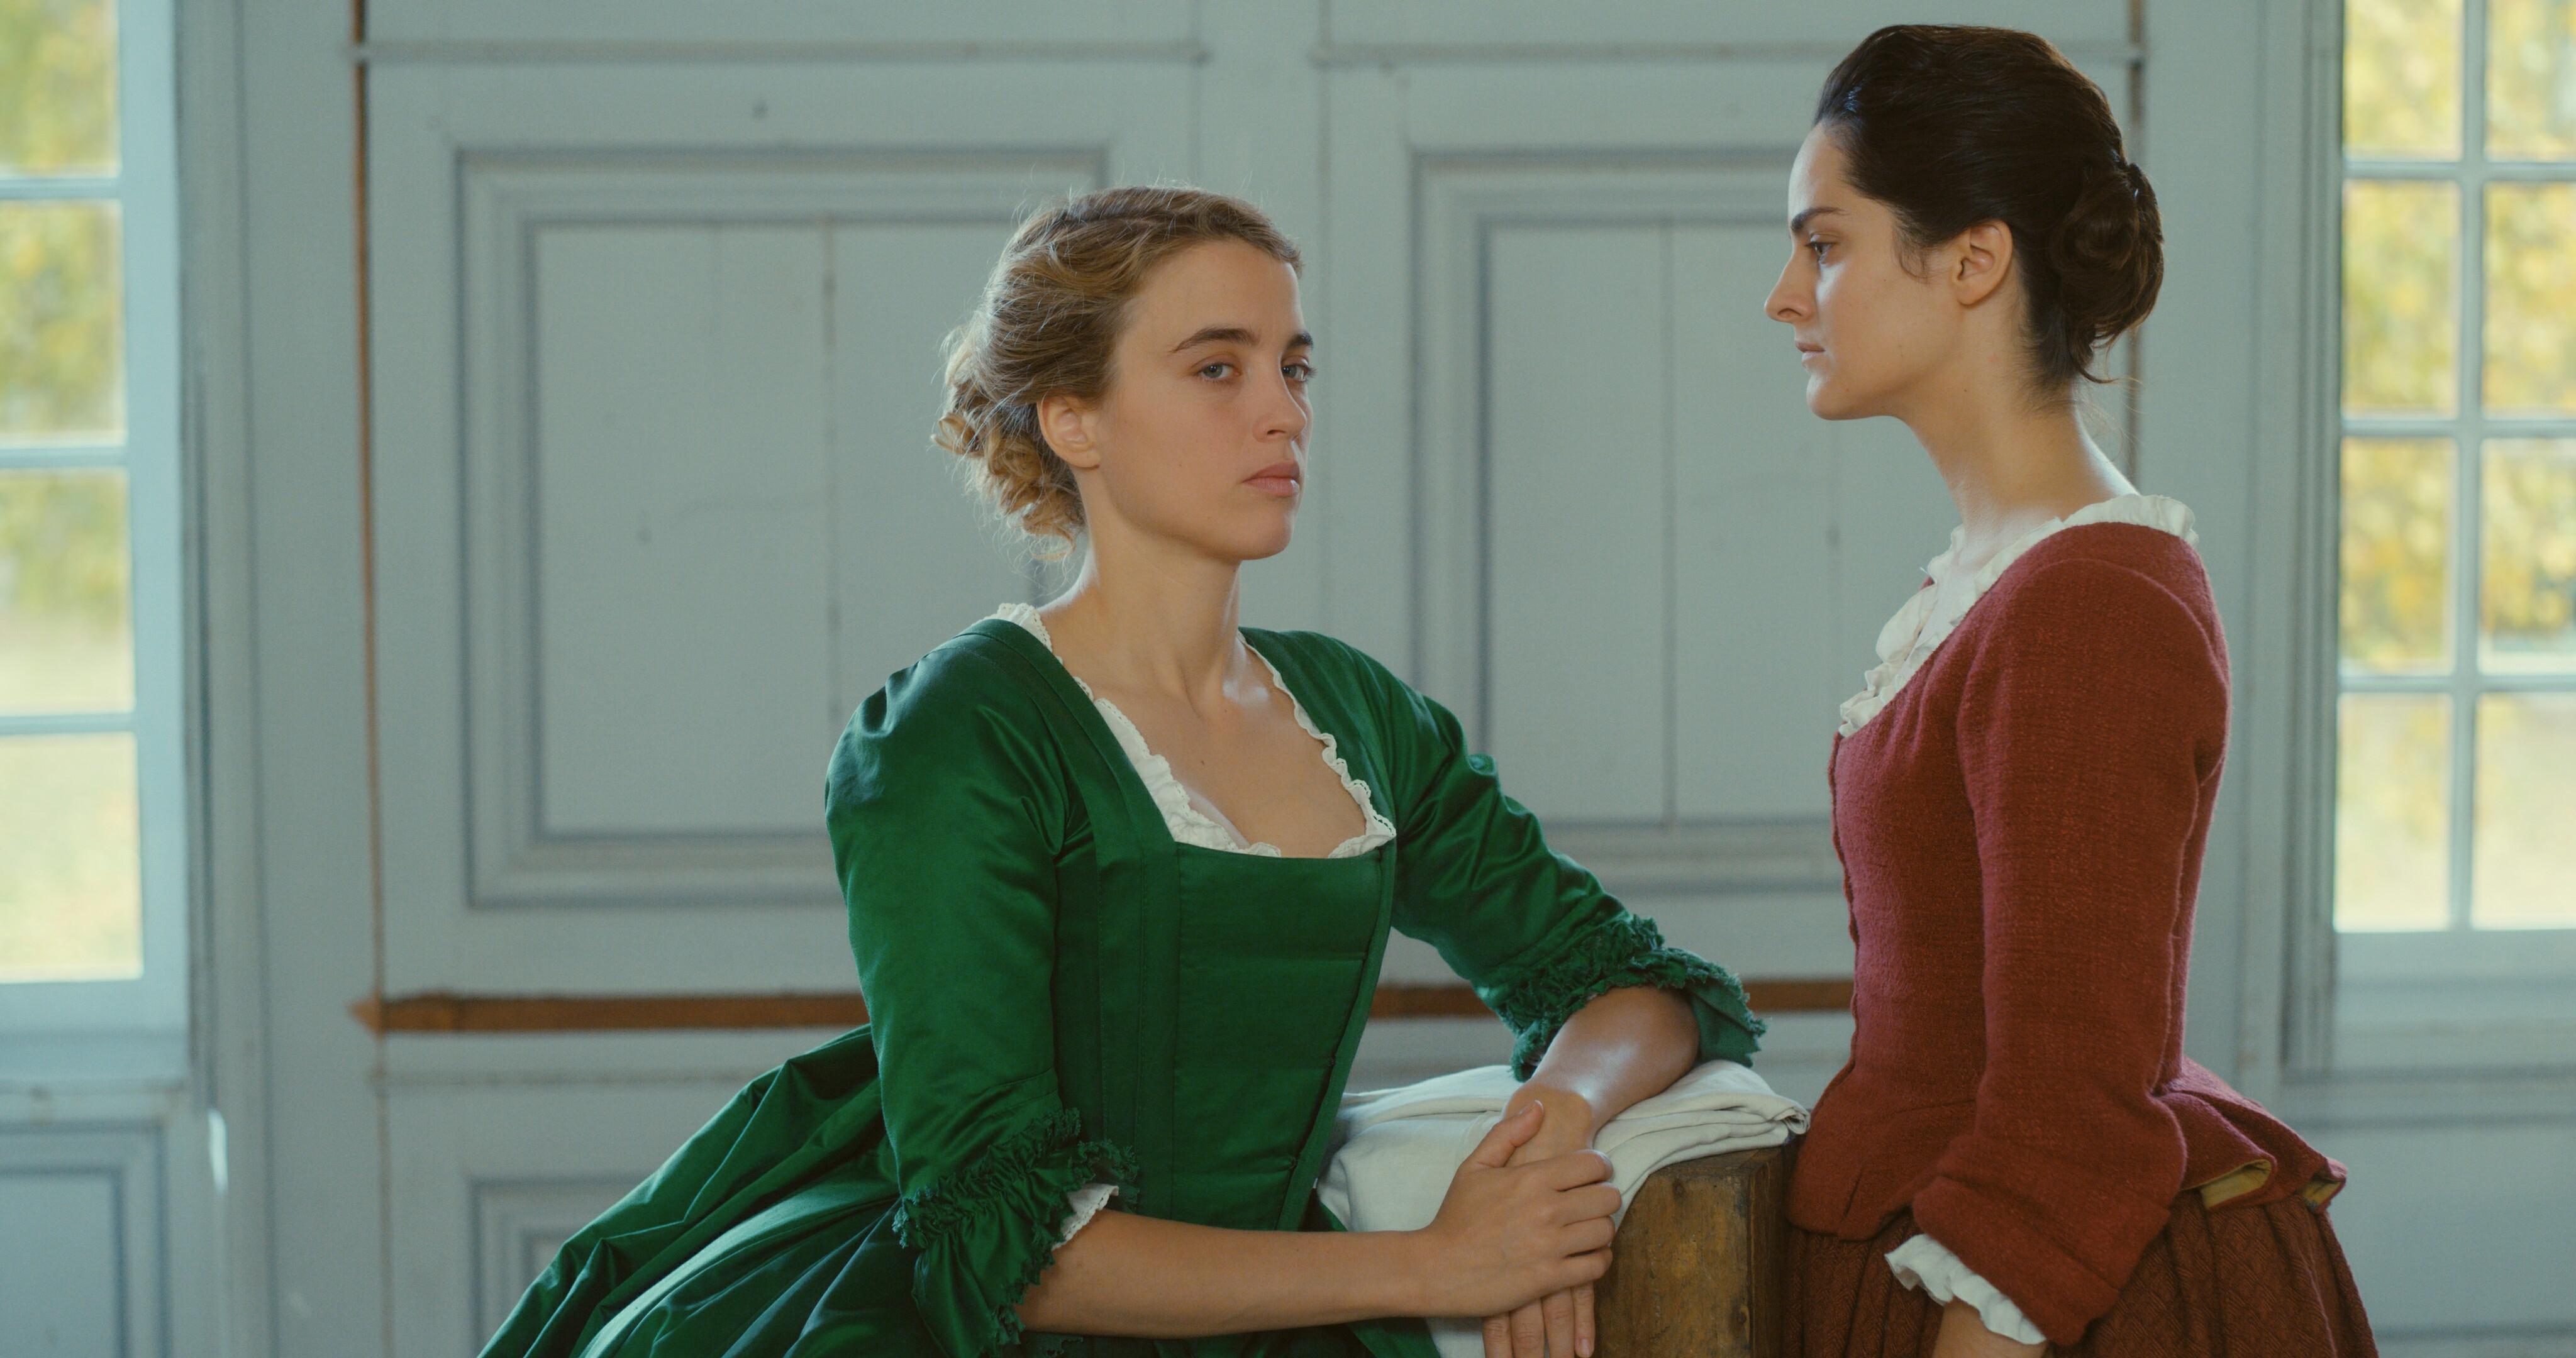 """Kaader Céline Sciamma filmist """"Põleva tütarlapse portree"""", mis kujutab möödunud sajandite naistevahelist armastust"""